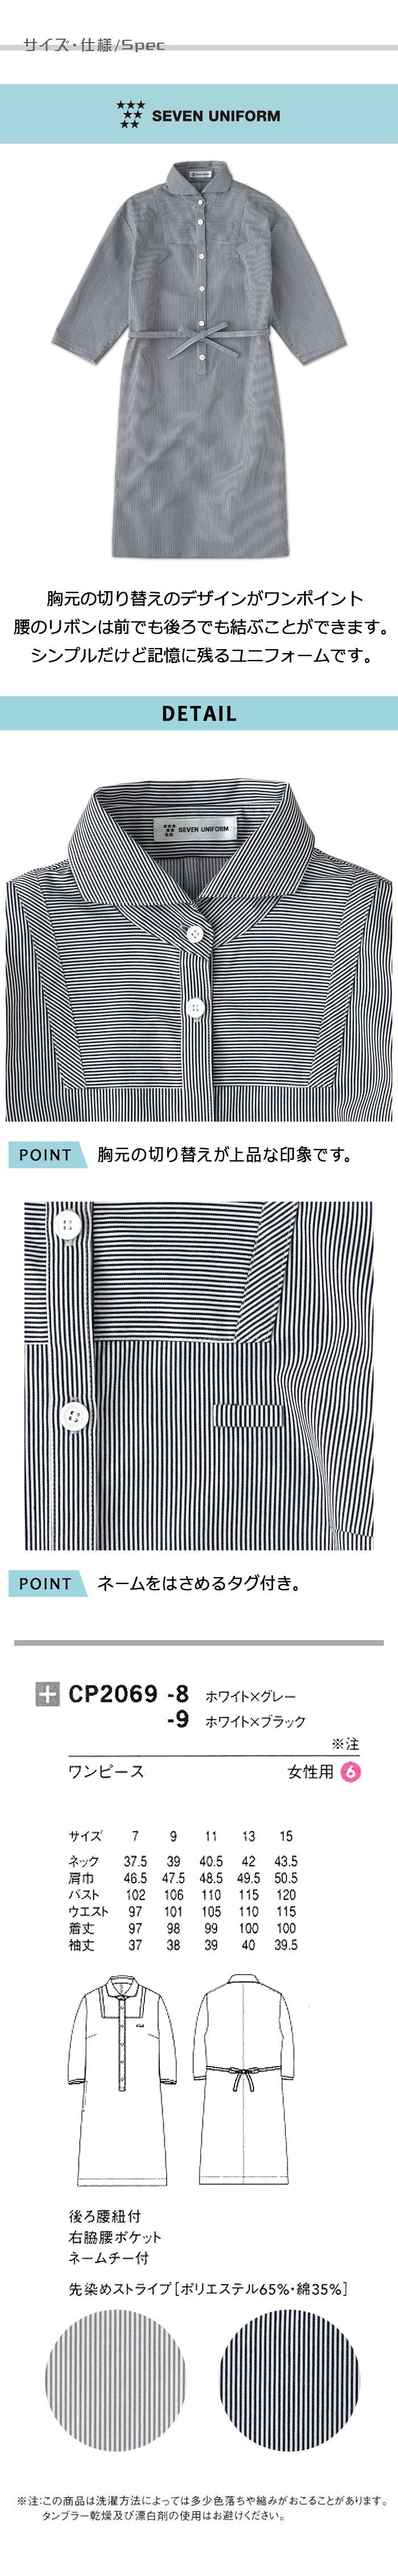 【オーガニックコスメ・エステ店】爽やかな細ストライプ柄 シンプルで上品なワンピース【2色】